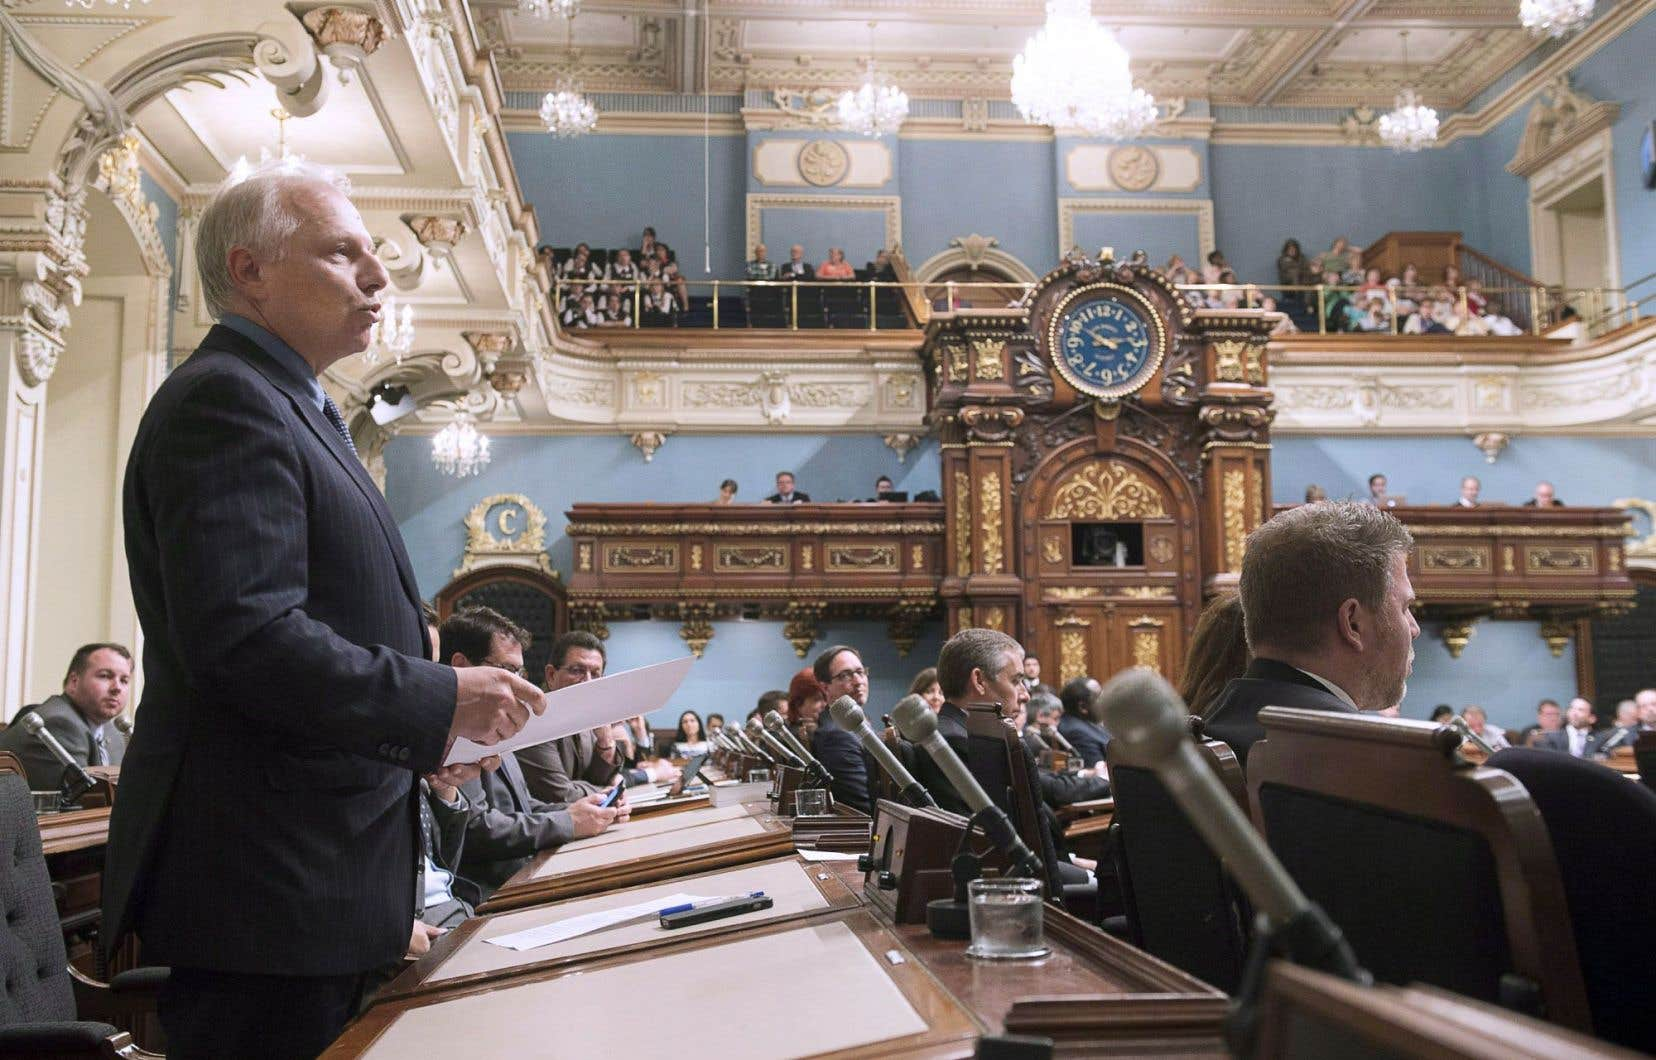 Jean-François Lisée, qui proposait l'an dernier d'attendre 12 mois avant la prochaine élection de 2018 pour décider d'une promesse de référendum, a rejeté toute possibilité avant le scrutin de 2022.